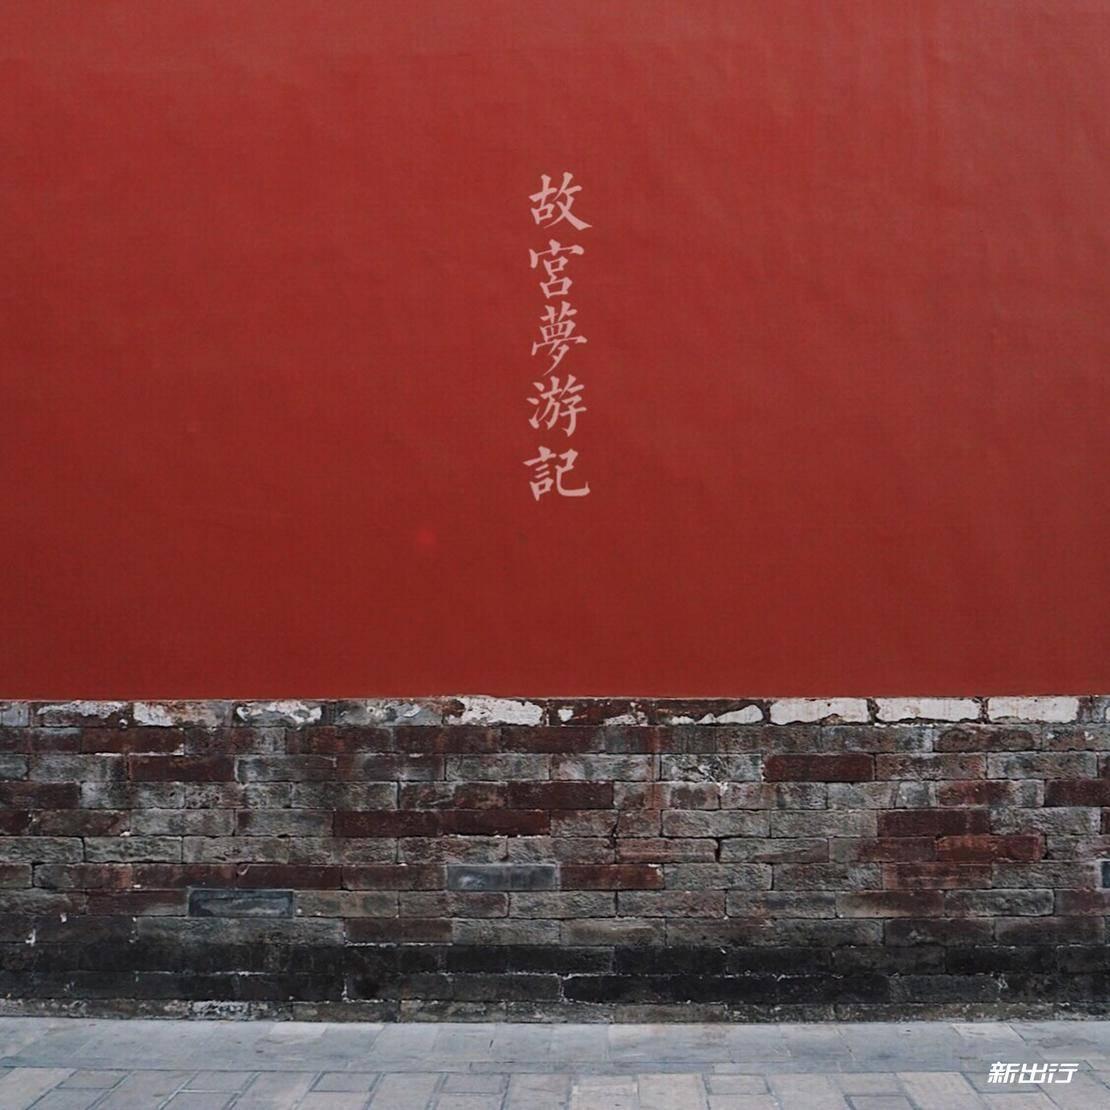 故宫-1.jpg